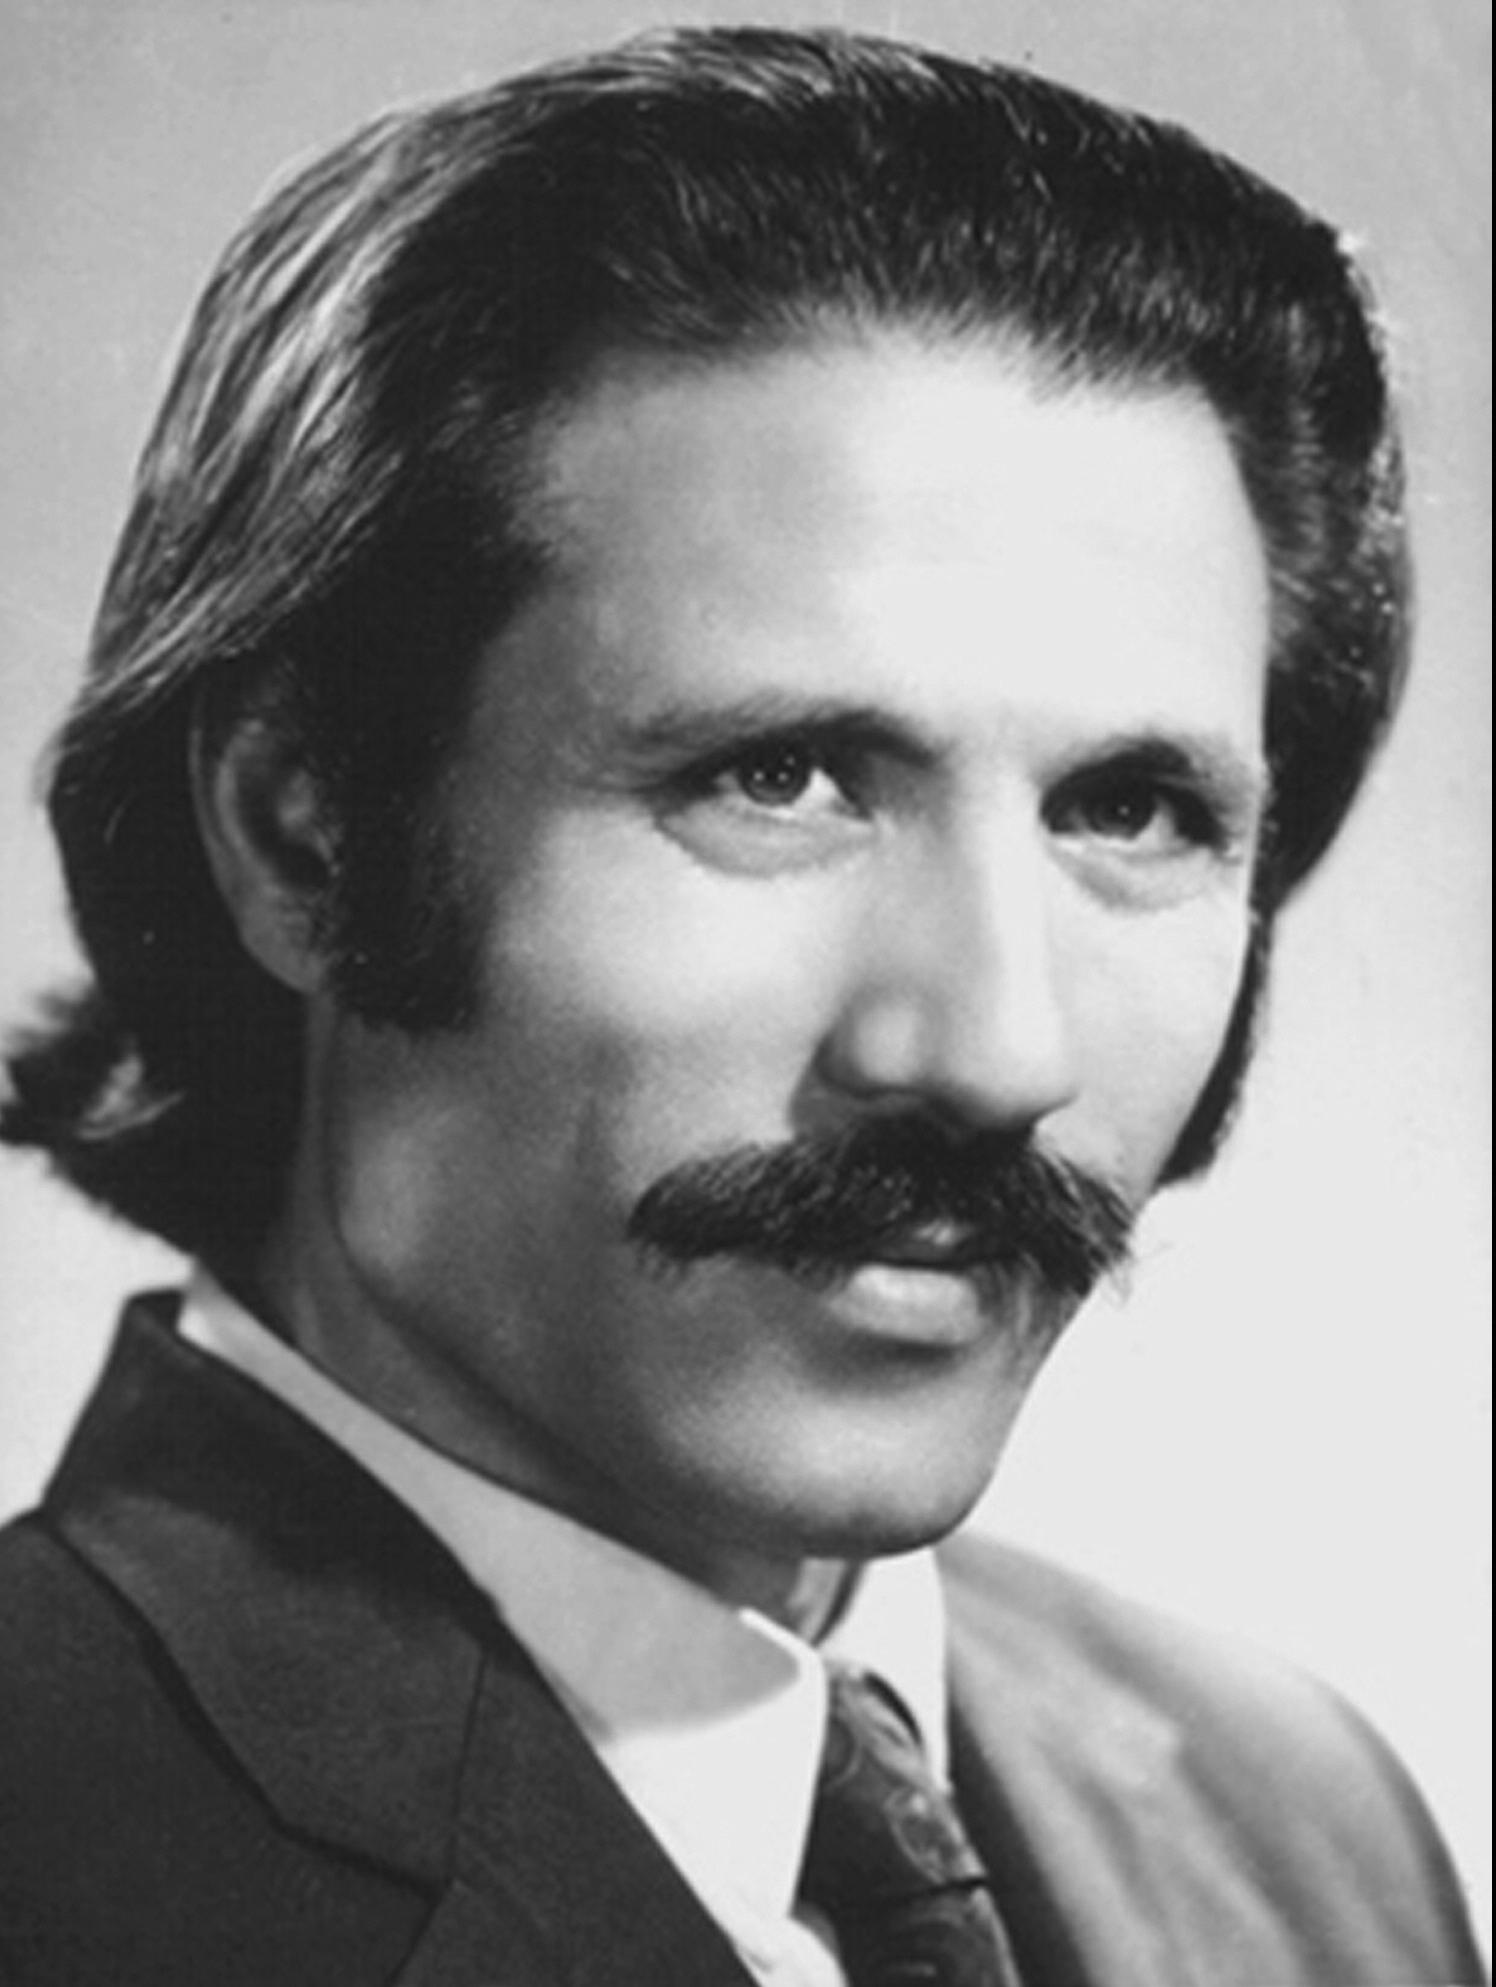 Faşistler tarafından 1980'de katledilen Ümit Kaftancıoğlu ödülleri açıklandı